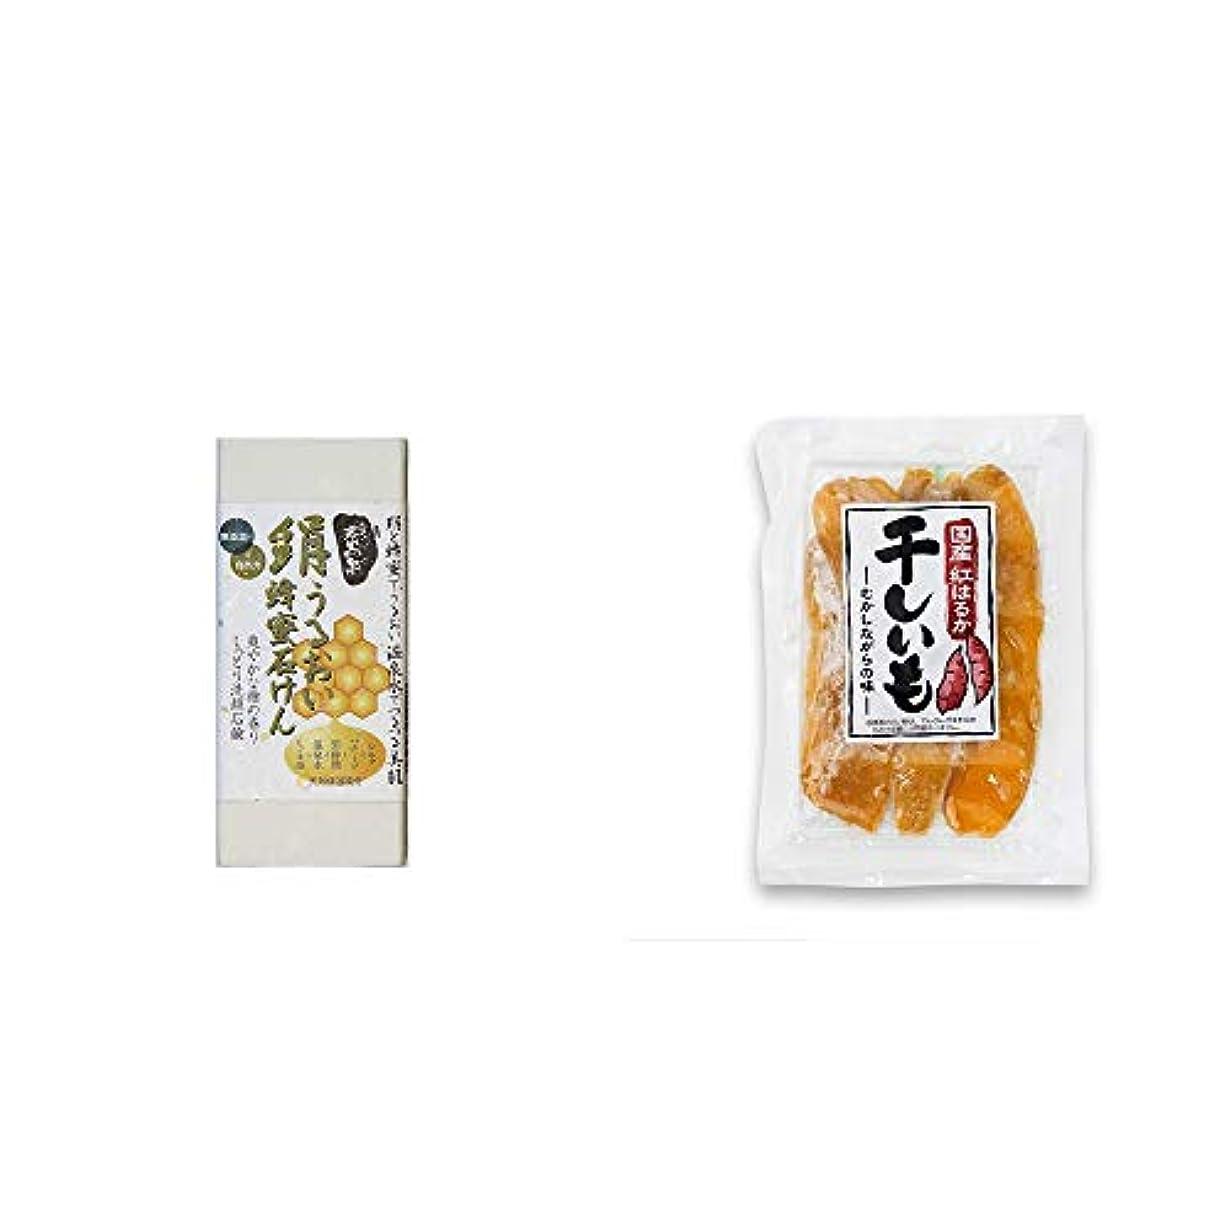 報復食い違いデッキ[2点セット] ひのき炭黒泉 絹うるおい蜂蜜石けん(75g×2)?国産 紅はるか 干しいも(140g)